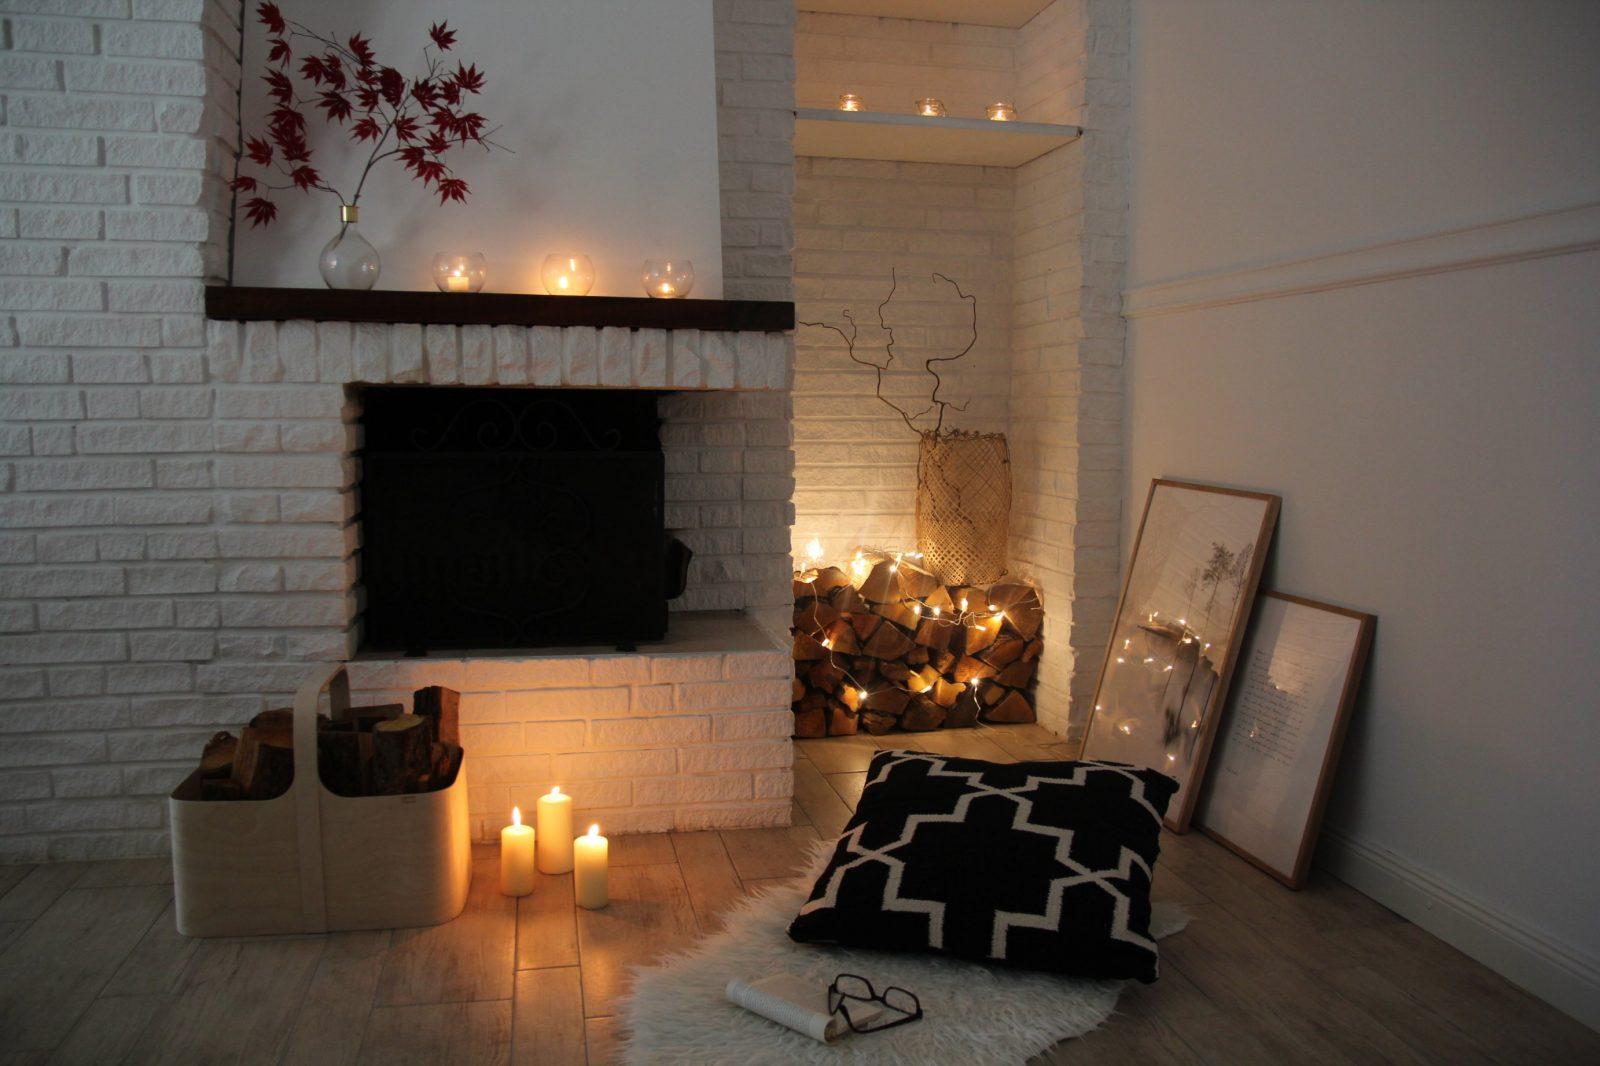 Beautiful Wie Gestalte Ich Mein Wohnzimmer Images  Hiketoframe von Wie Gestalte Ich Mein Wohnzimmer Gemütlich Photo